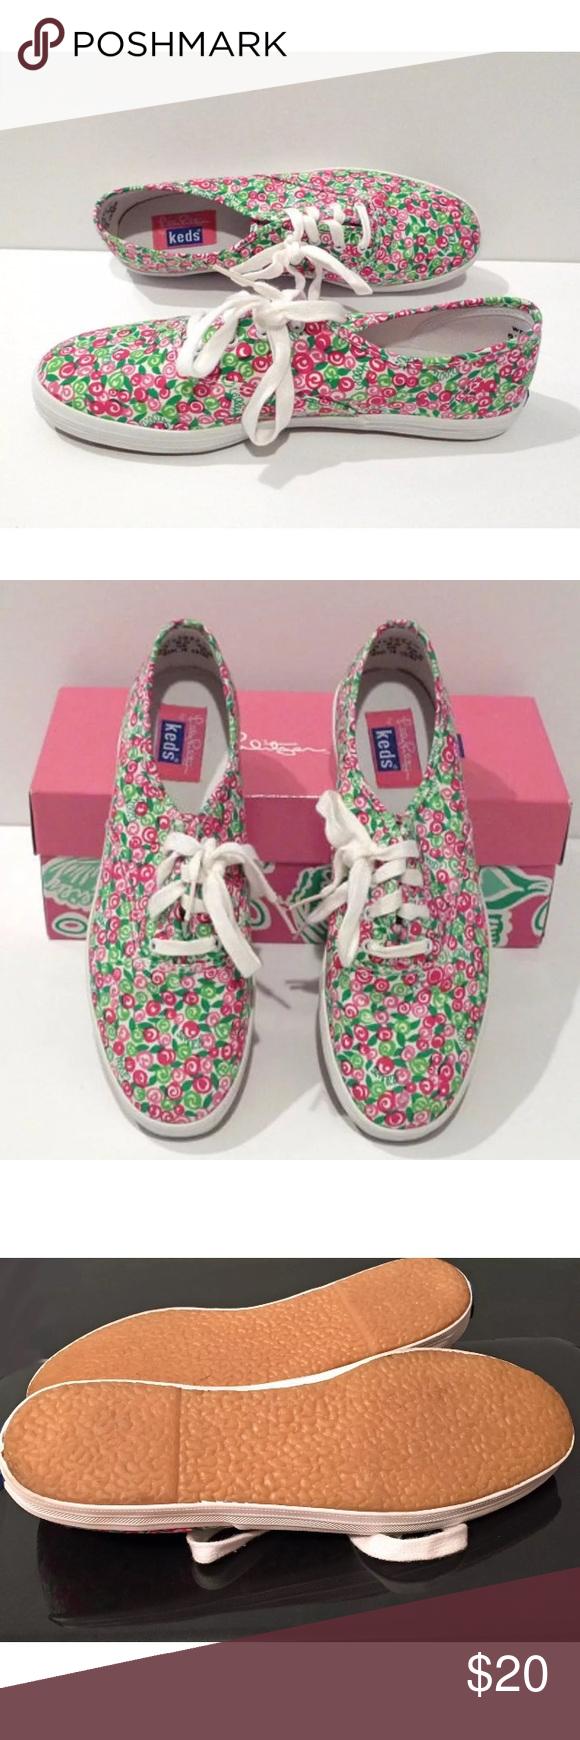 keds tennis shoes rare shoes